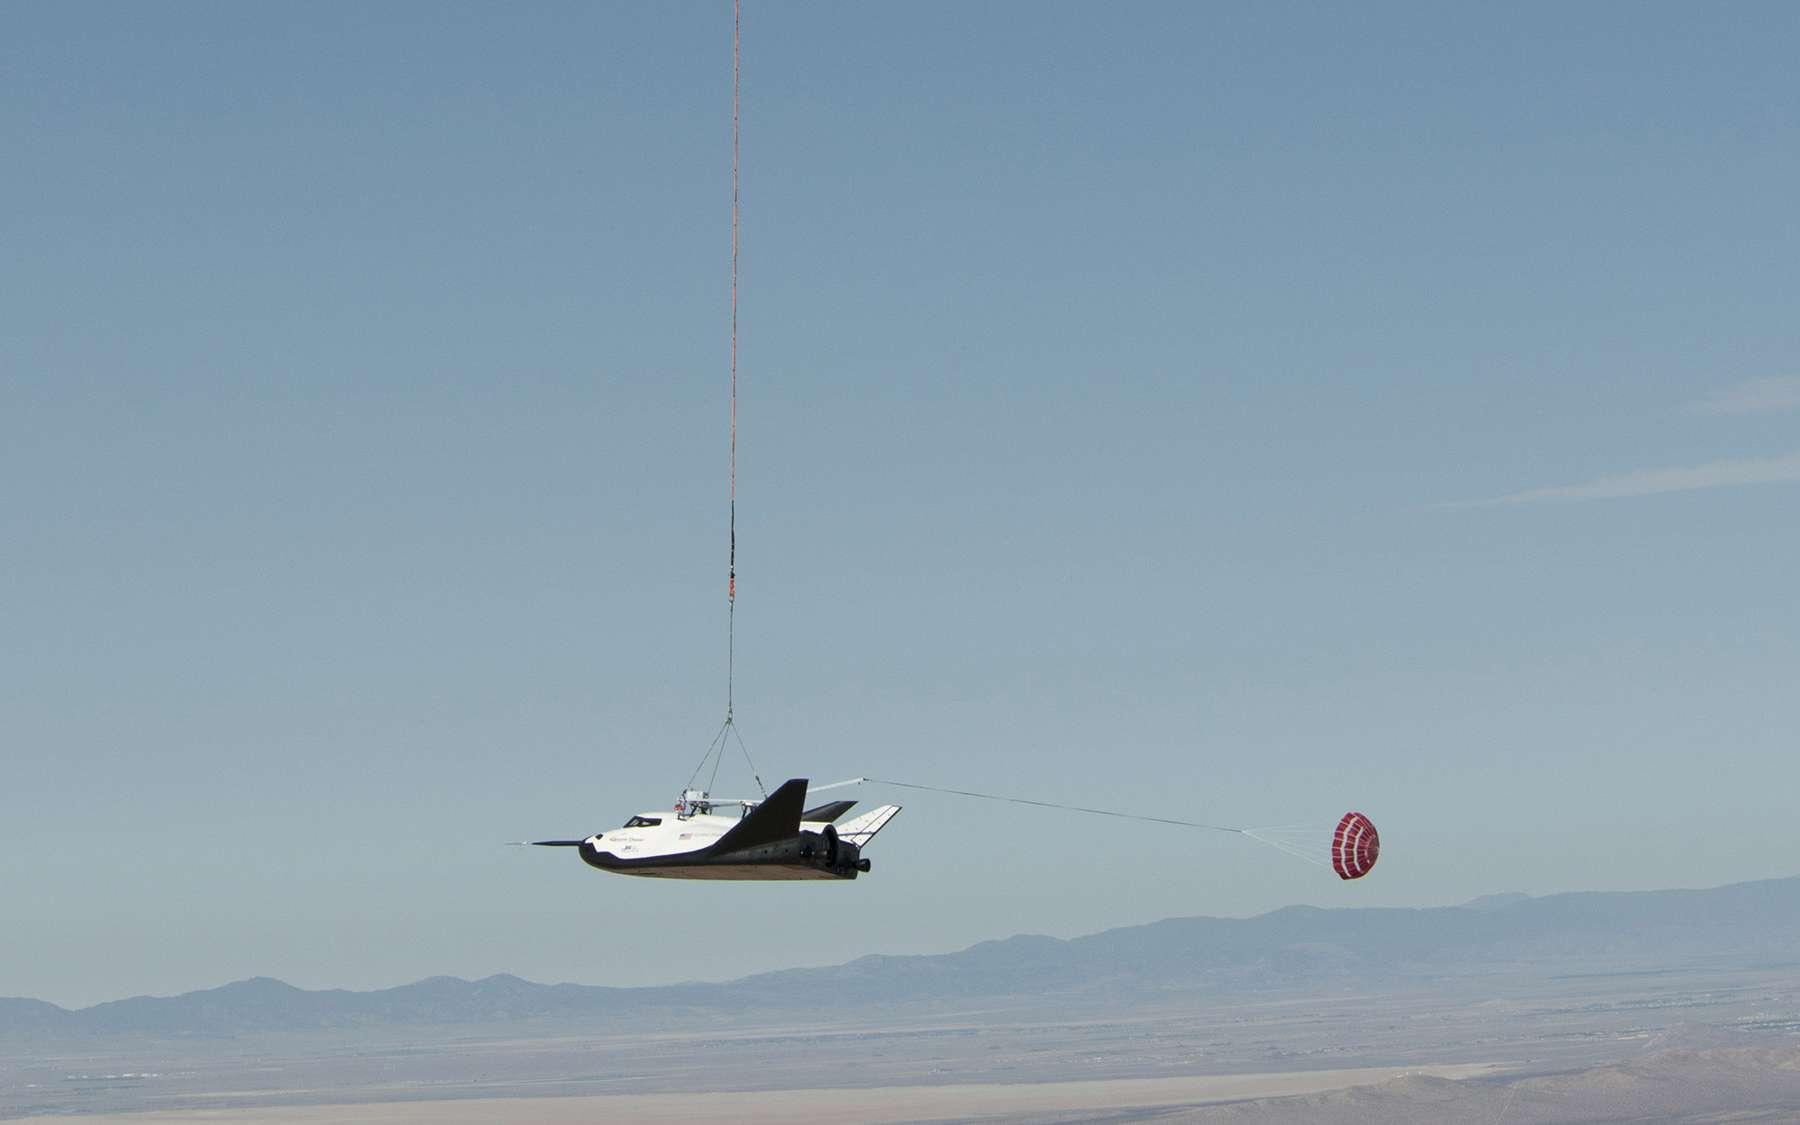 Malgré un crash à l'atterrissage, après un vol plané réussi, le développement du Dream Chaser se poursuit. © Nasa